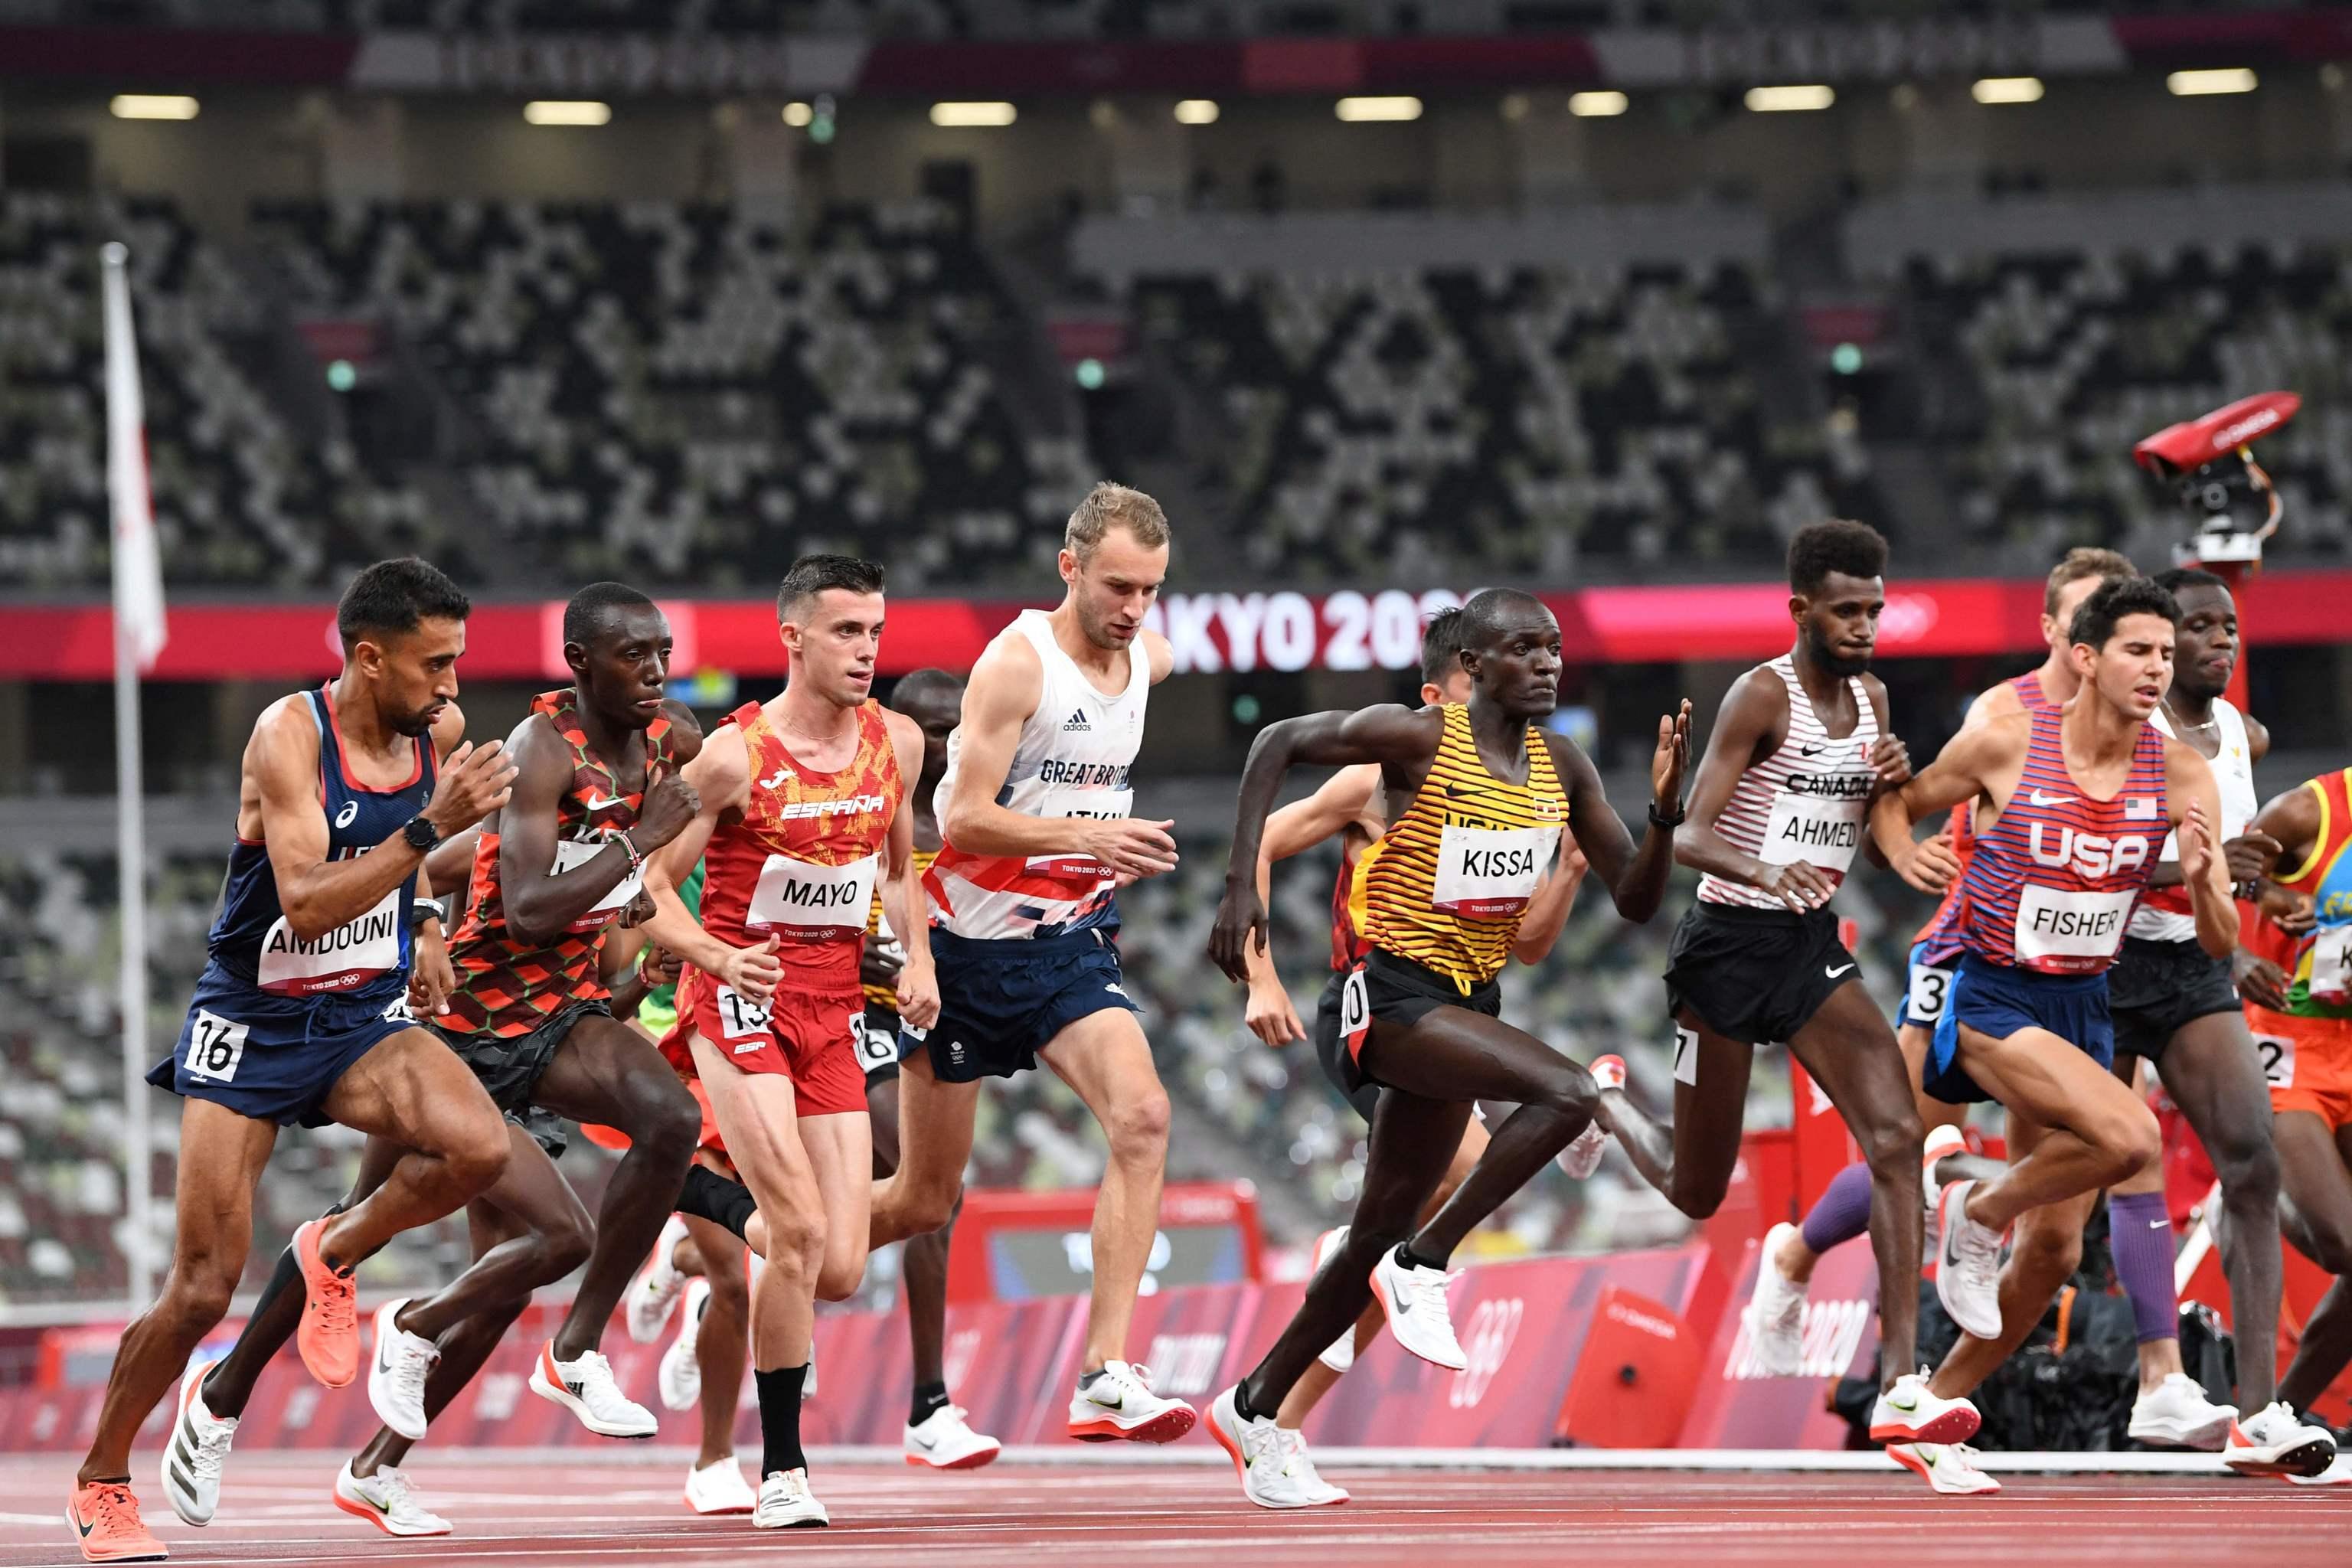 Carlos Mayo - atletismo - 10.000 metros -Juegos Olímpicos 2021 - Tokio 2020